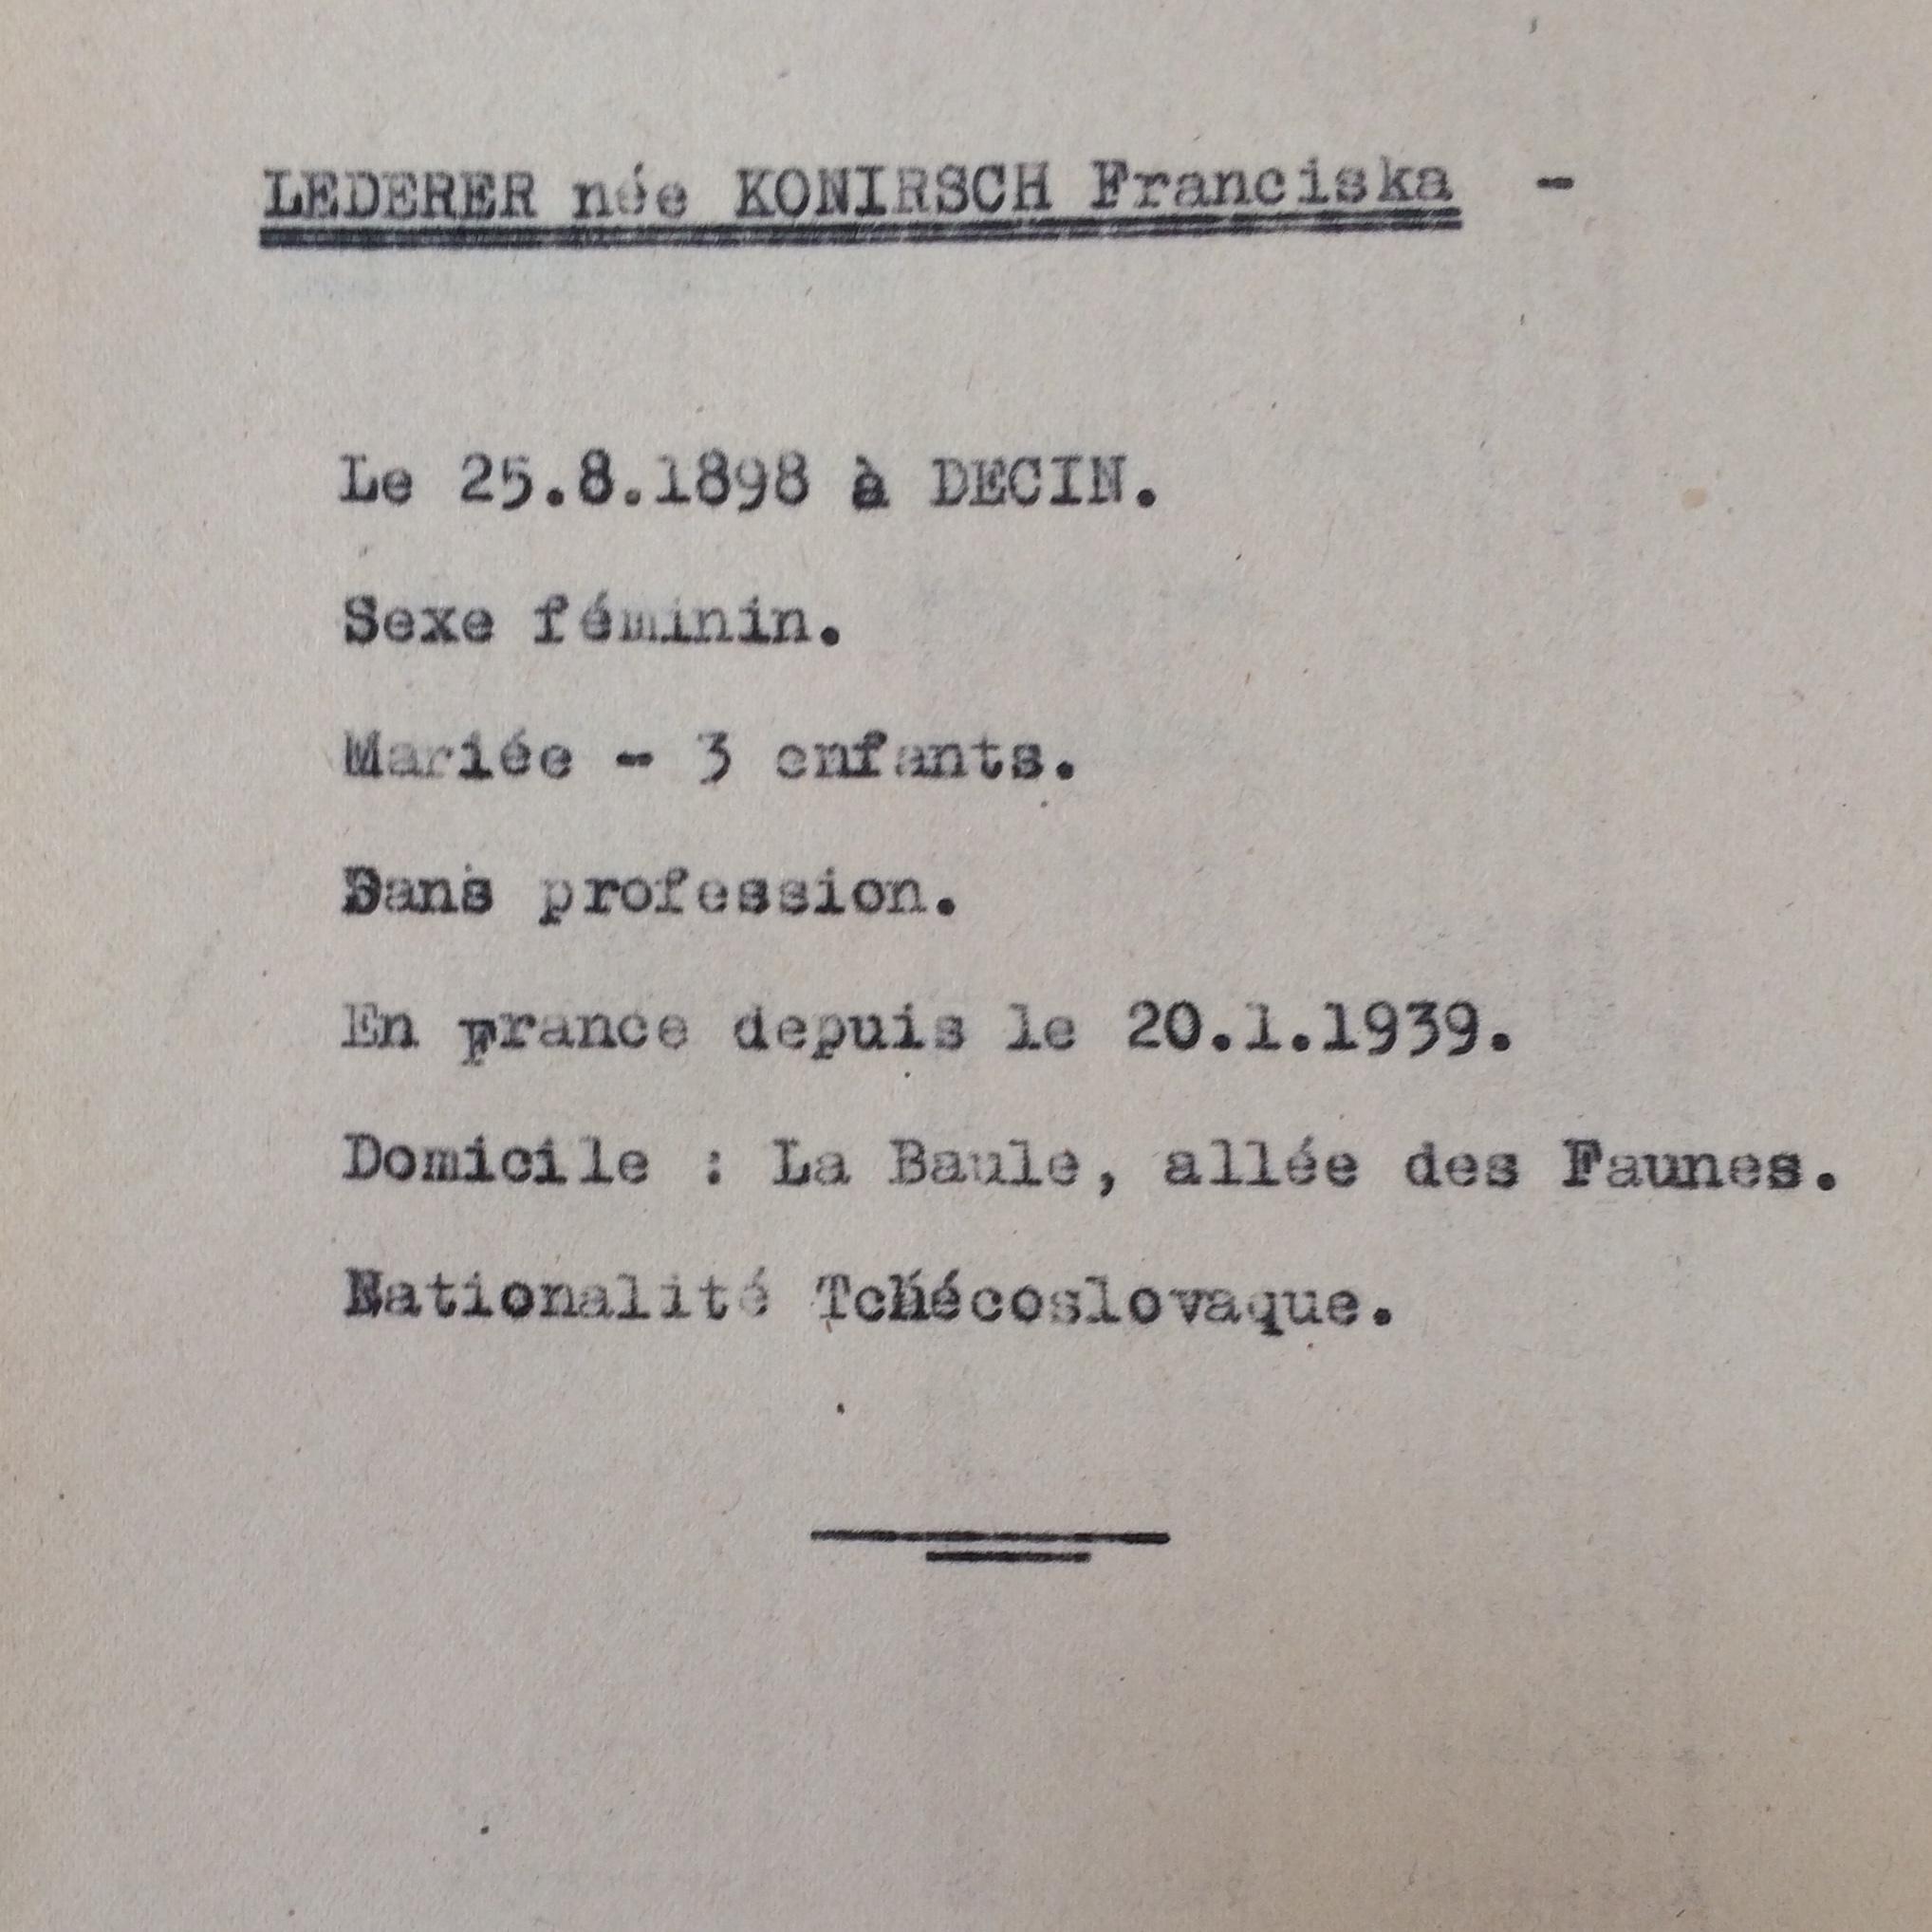 Recensement étrangers Polonais/Allemands/Autrichiens/Hongrois... [ADLA 1694W25]